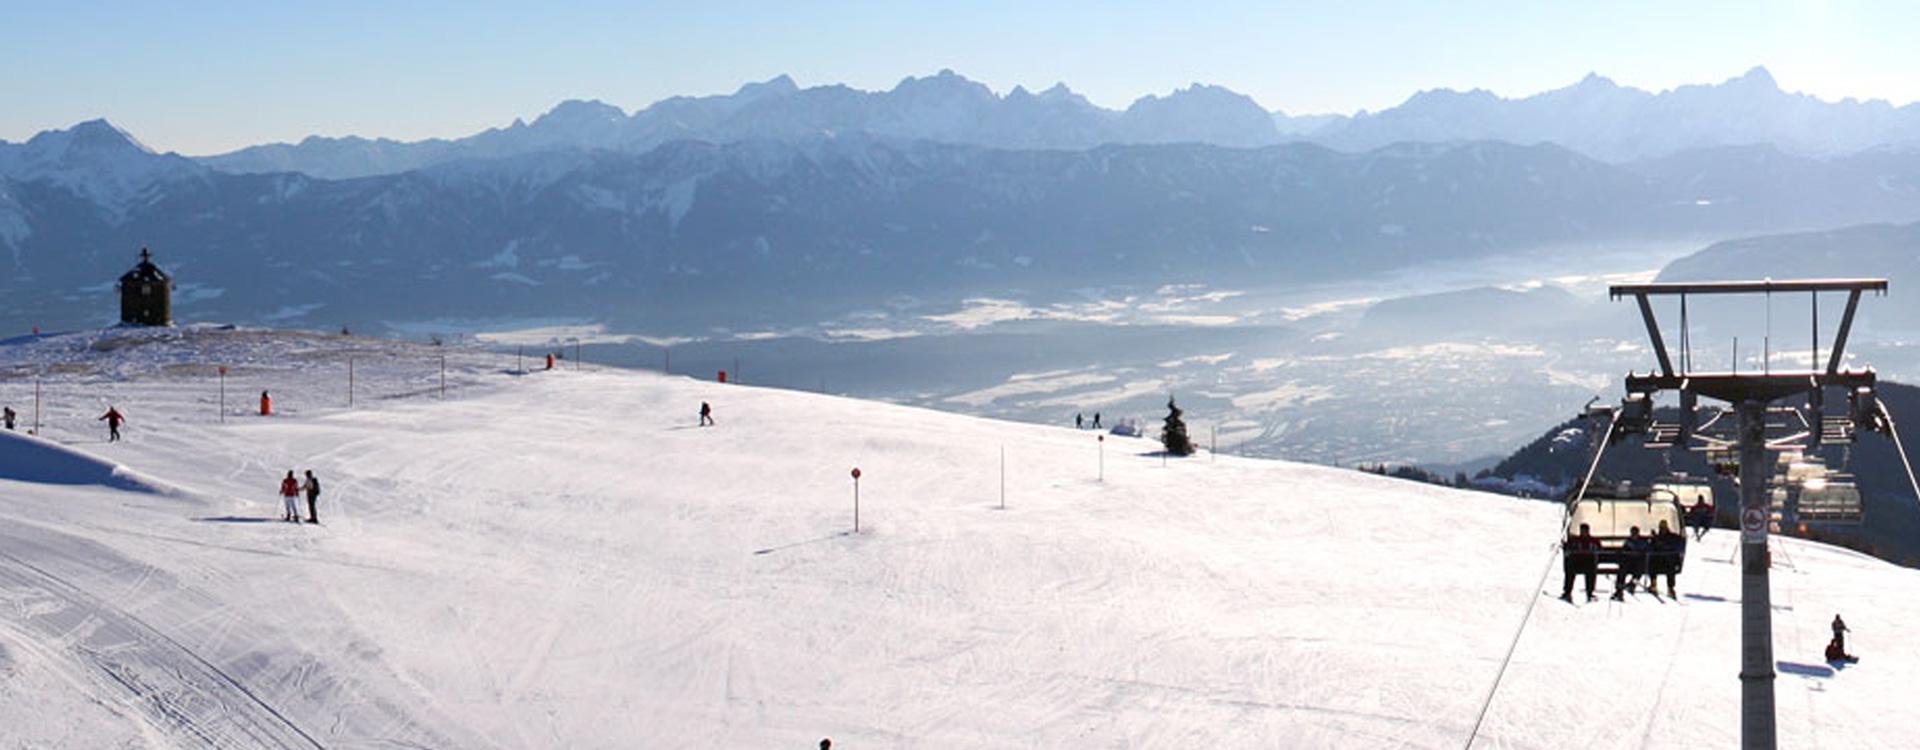 Ski und Snowboardschule